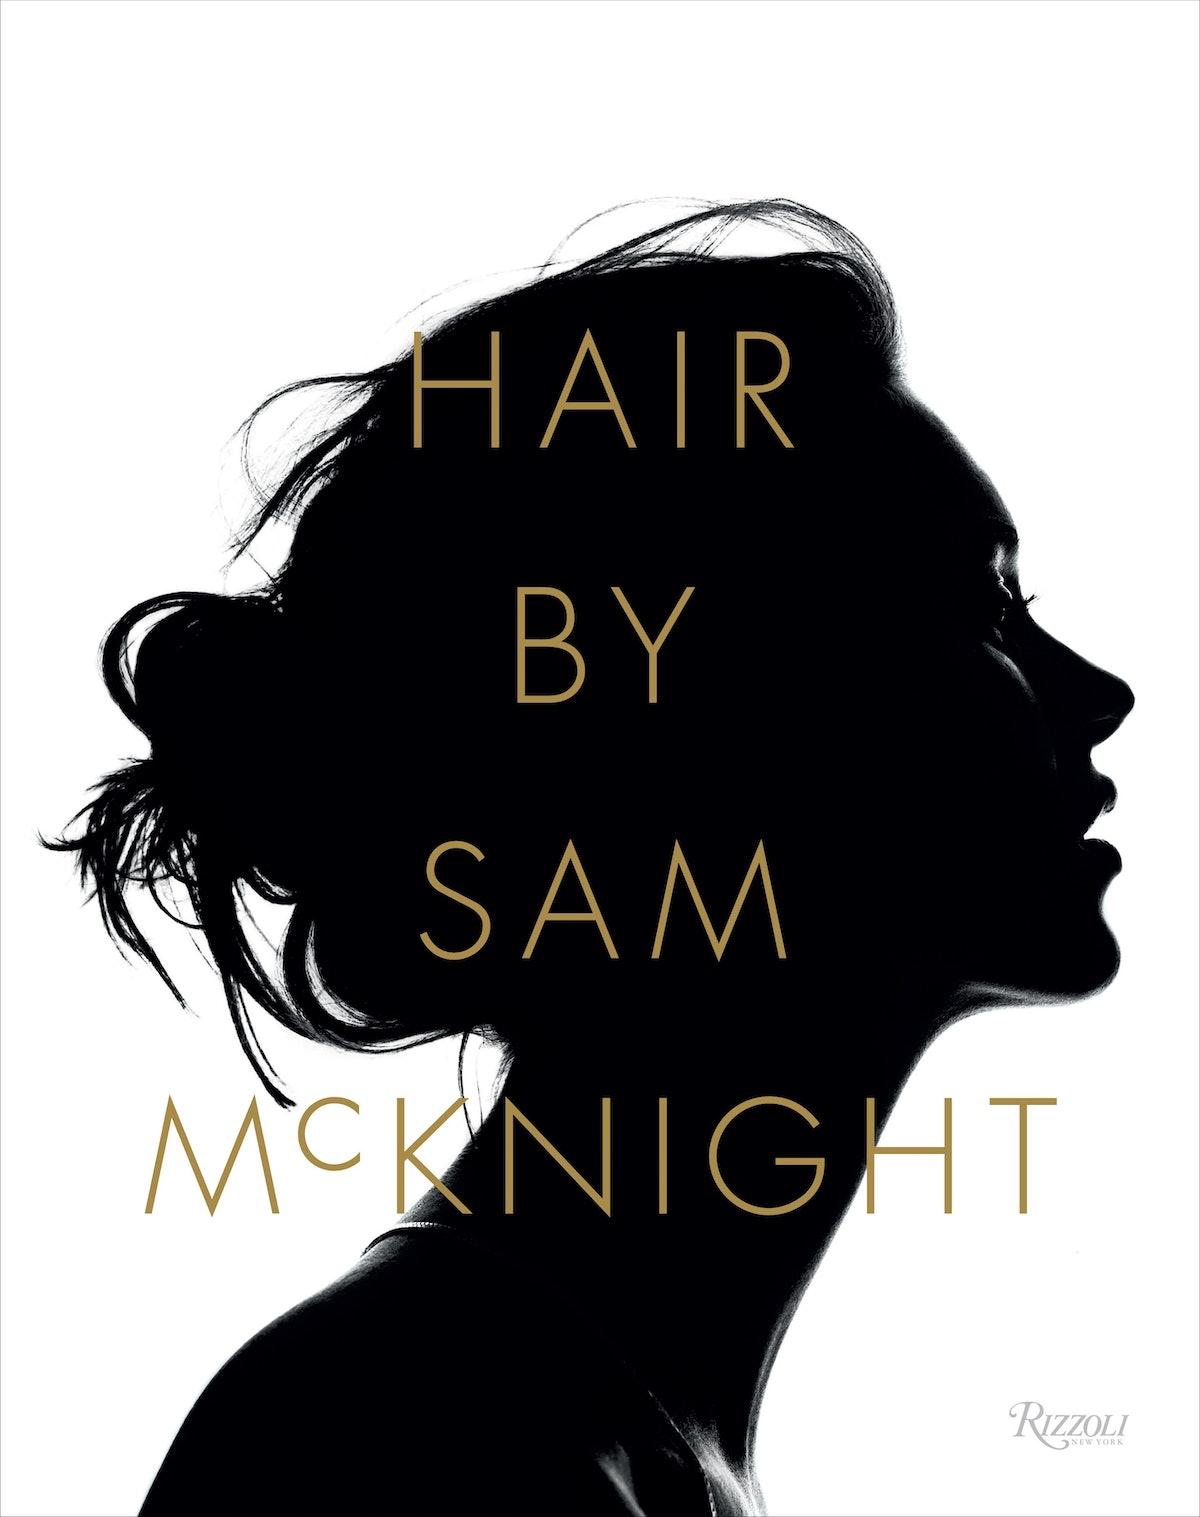 HairbySamMcKnight_cover final.jpg